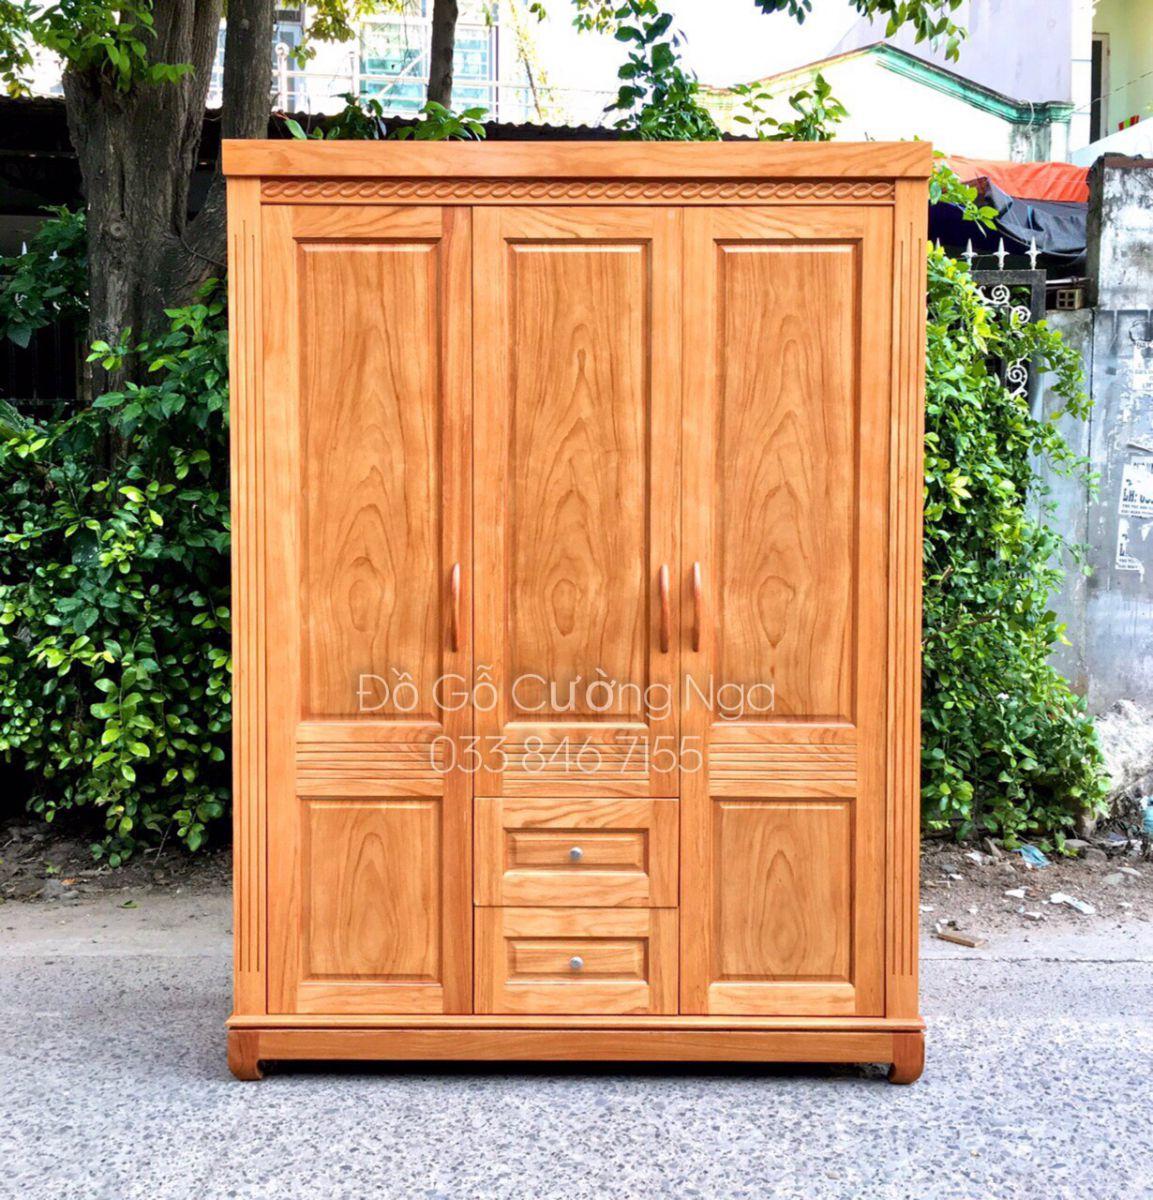 Tủ quần áo gỗ gõ đỏ 3 cánh 1m6 tại Đồ Gỗ Cường Nga quận 12